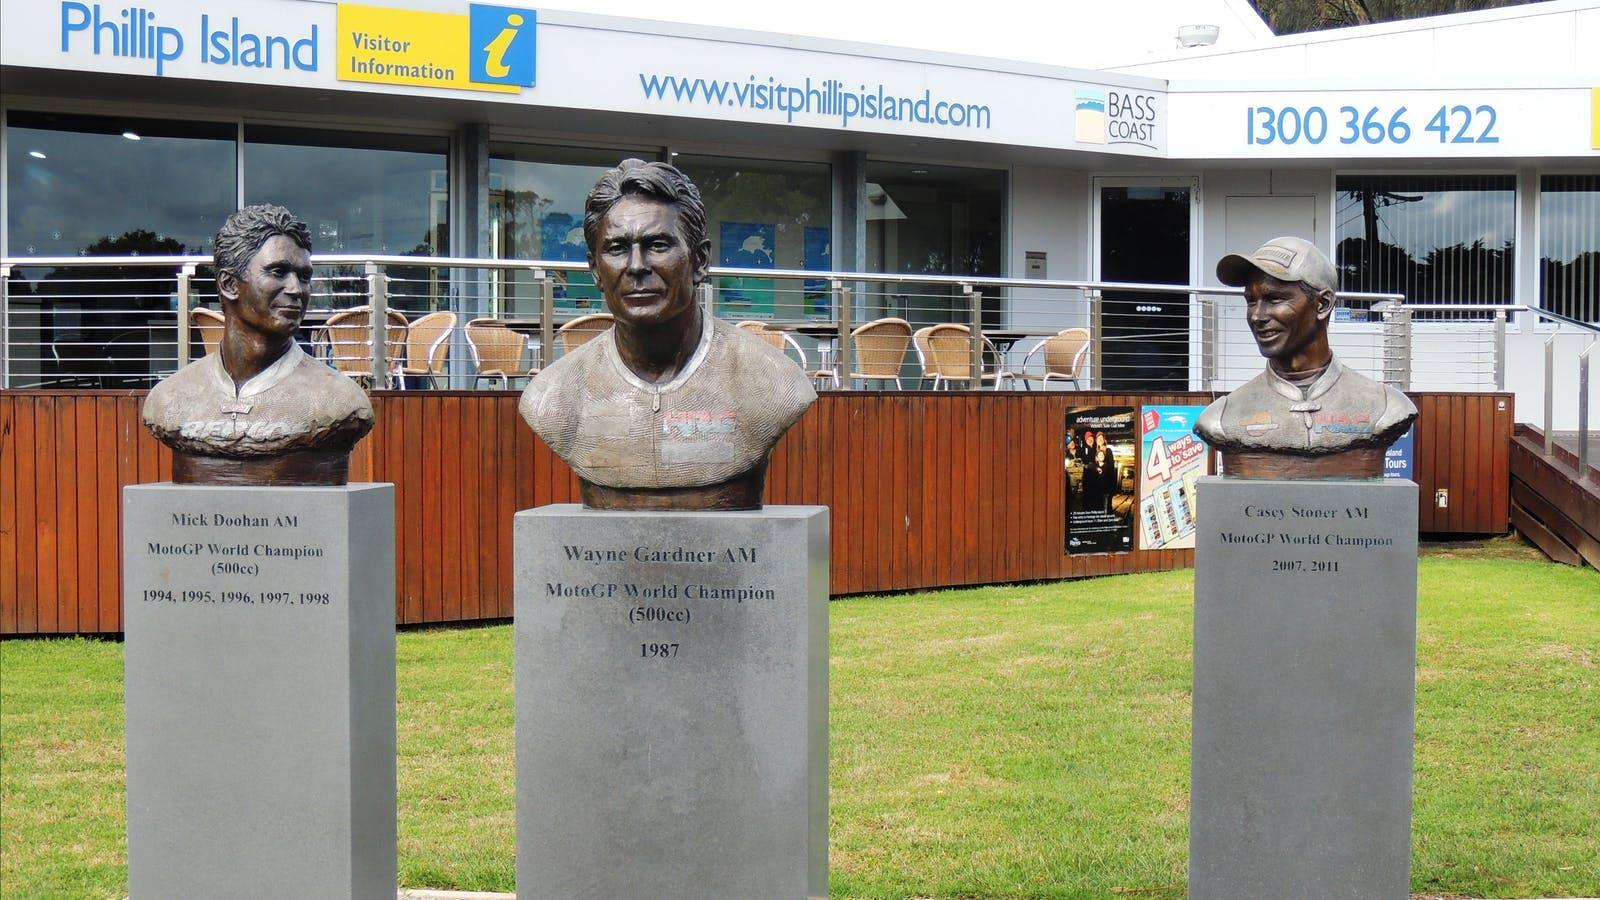 MotoGP legends busts at Phillip Island Visitor Information Centre